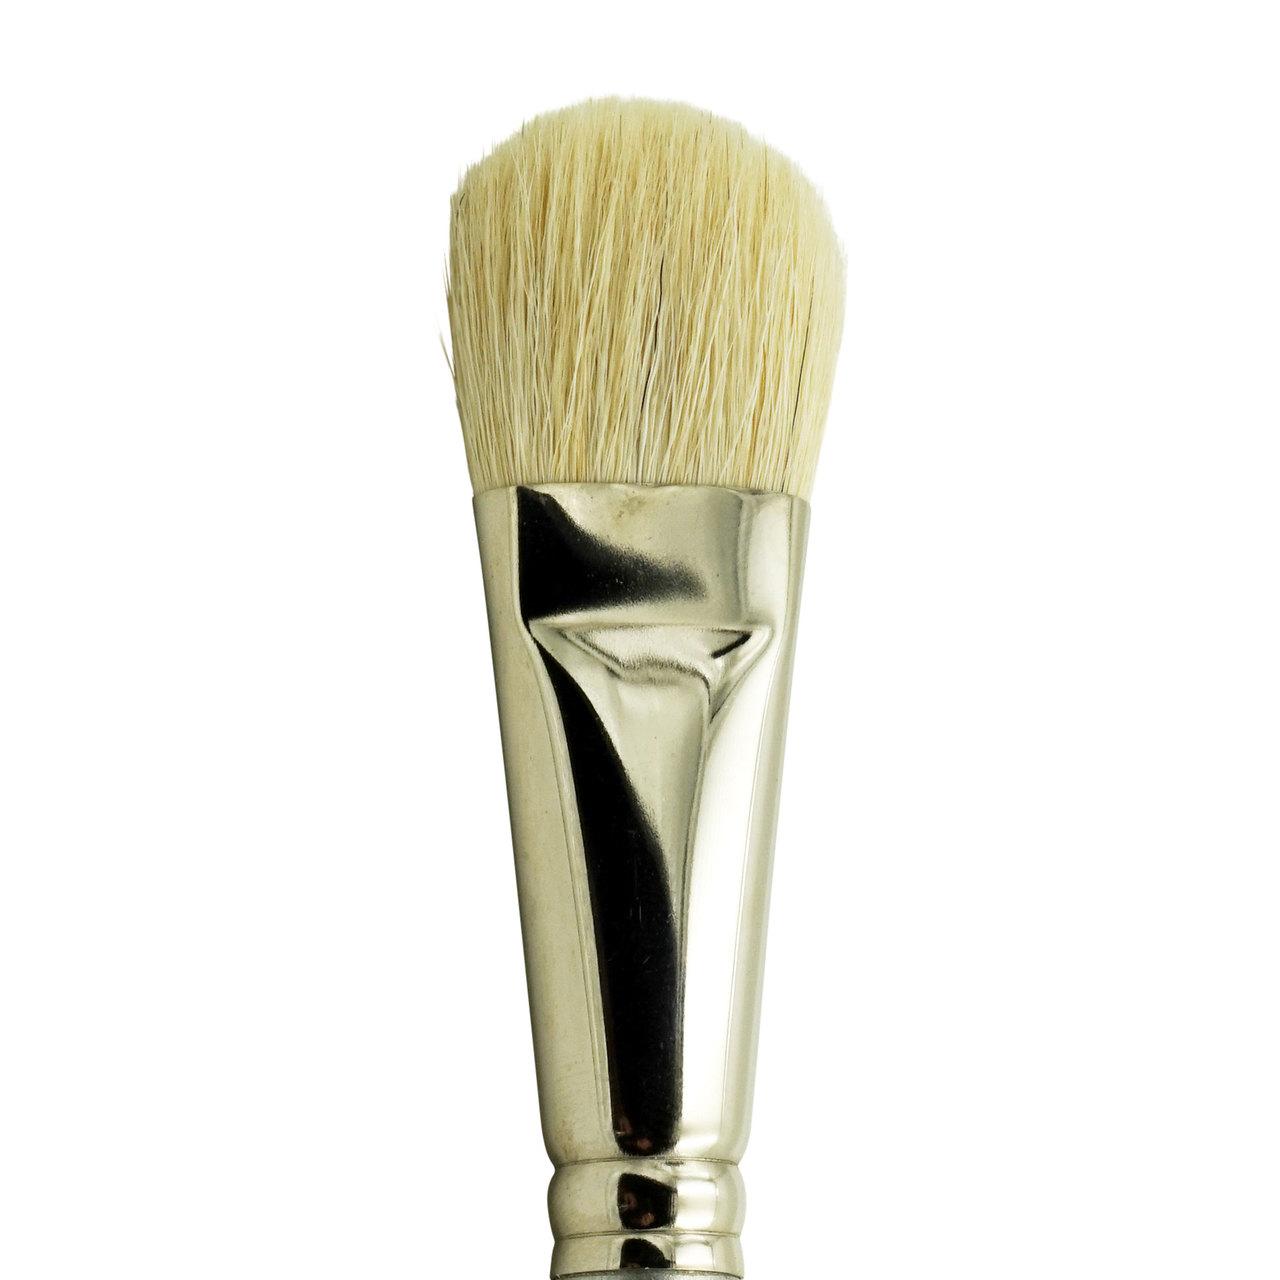 ZEM BRUSH Long Handle Stiff White Hog Bristle Fan Brushes Sold Individually 4